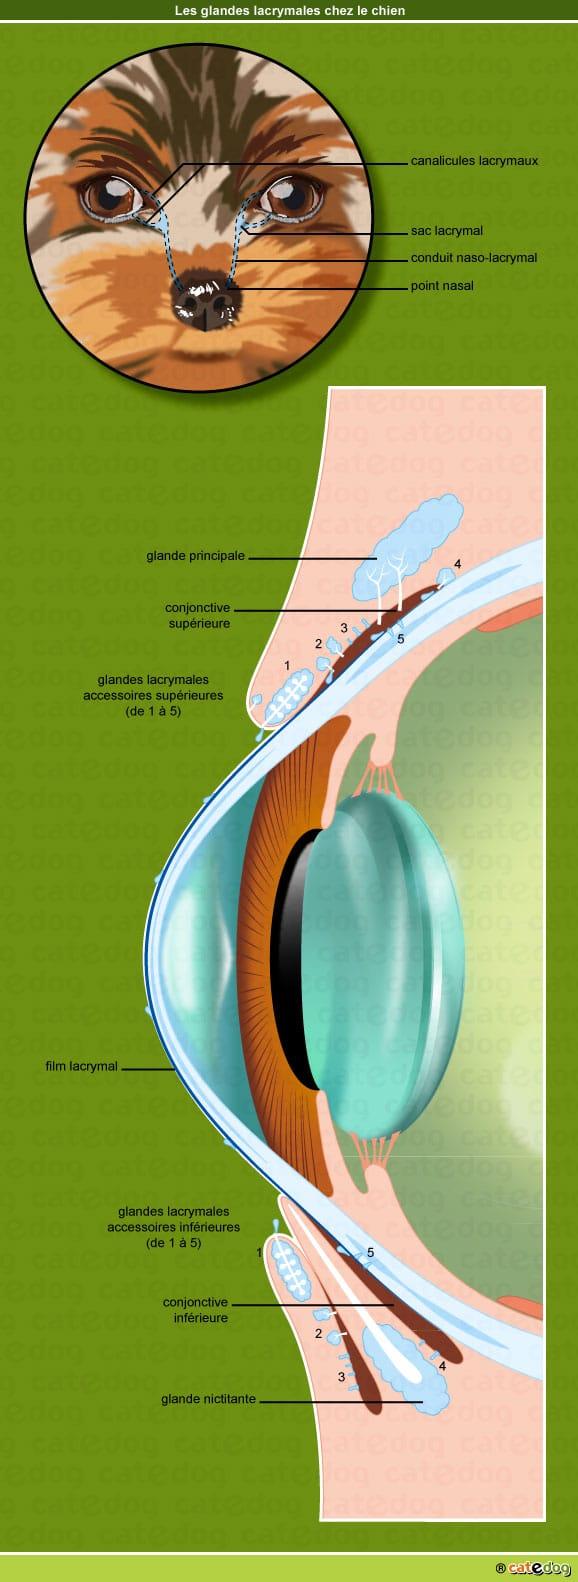 anatomie-chien-glandes-lacrymales-paupiere-ecoulement